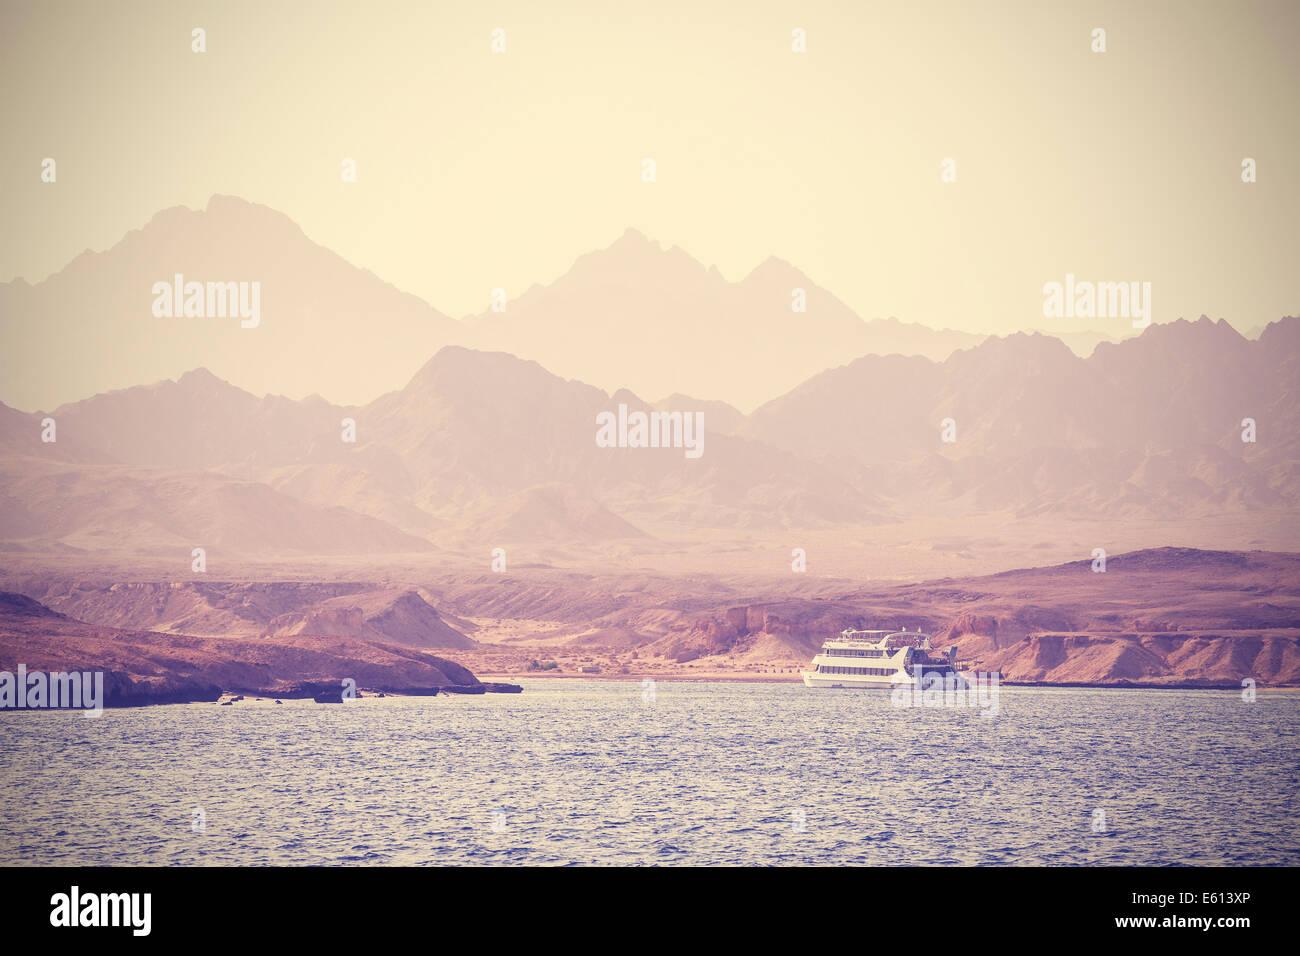 Vintage foto di una barca sul mare in Egitto. Immagini Stock